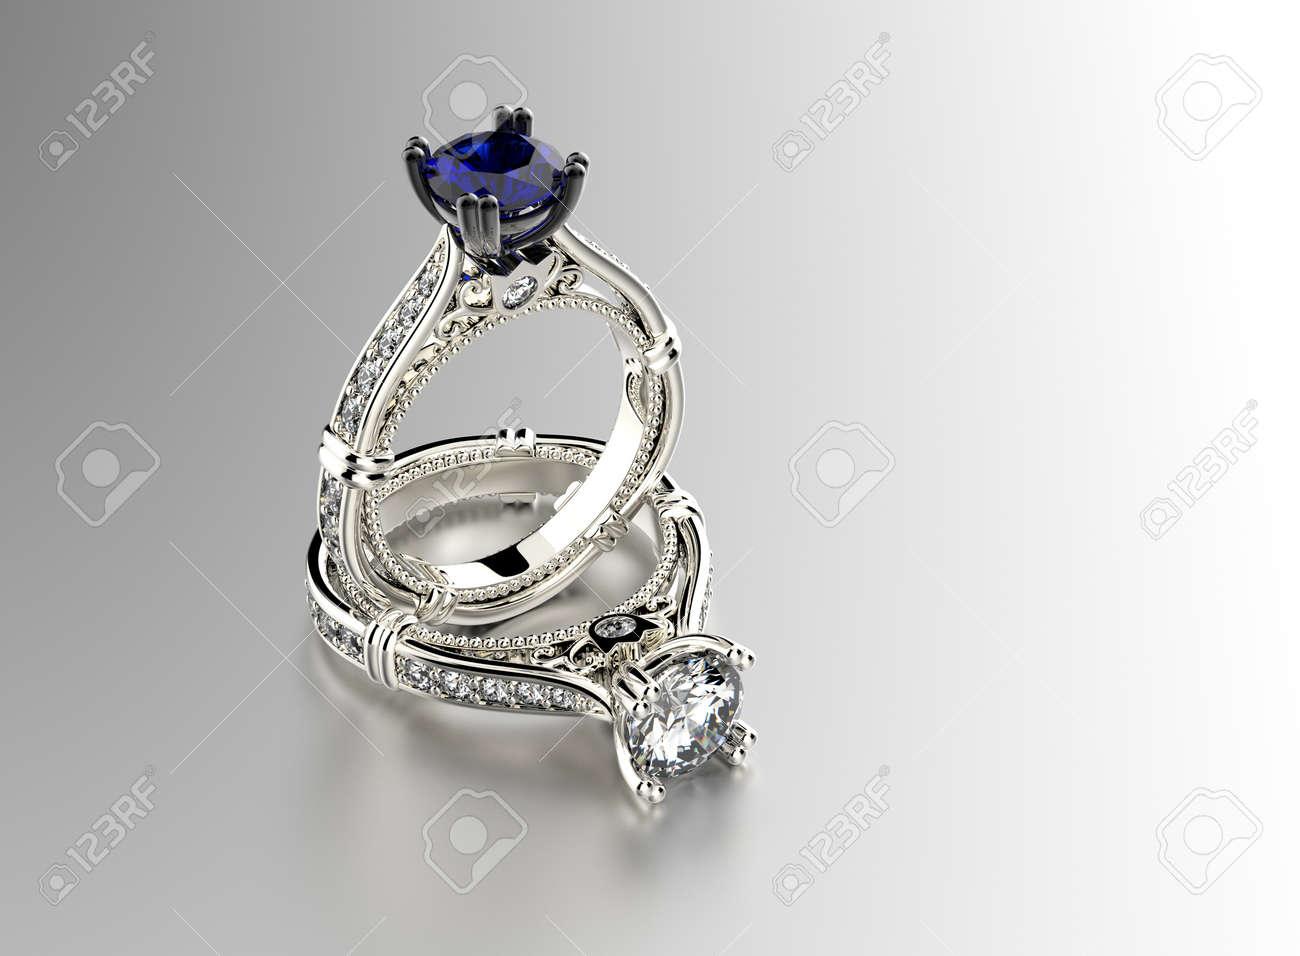 Diamanten schmuck  Ring Mit Diamanten. Schmuck Hintergrund Lizenzfreie Fotos, Bilder ...